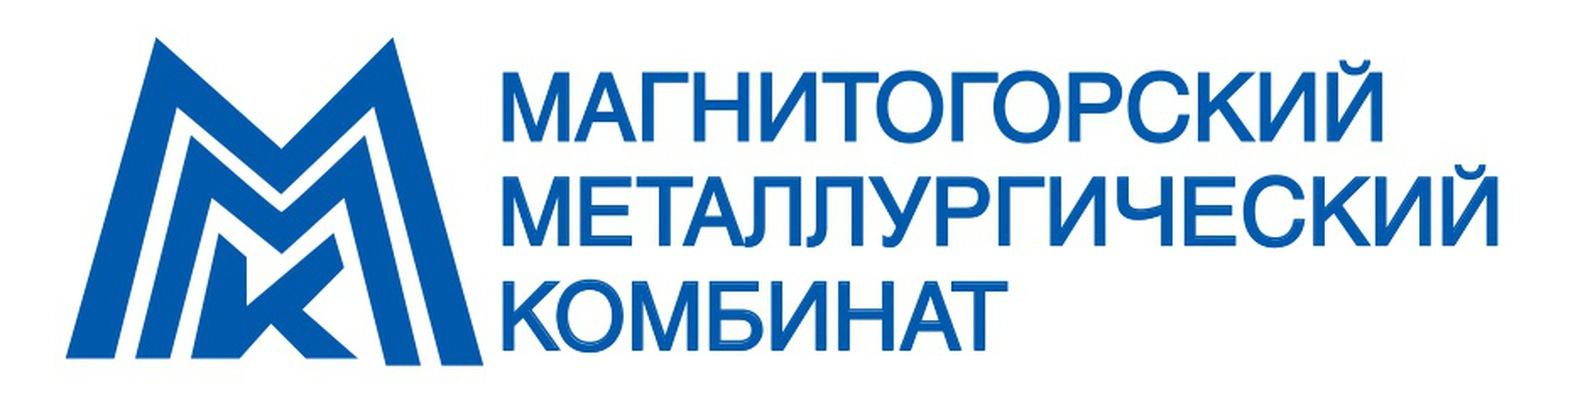 Логотип клиента Магнитогорский металлургический комбинат